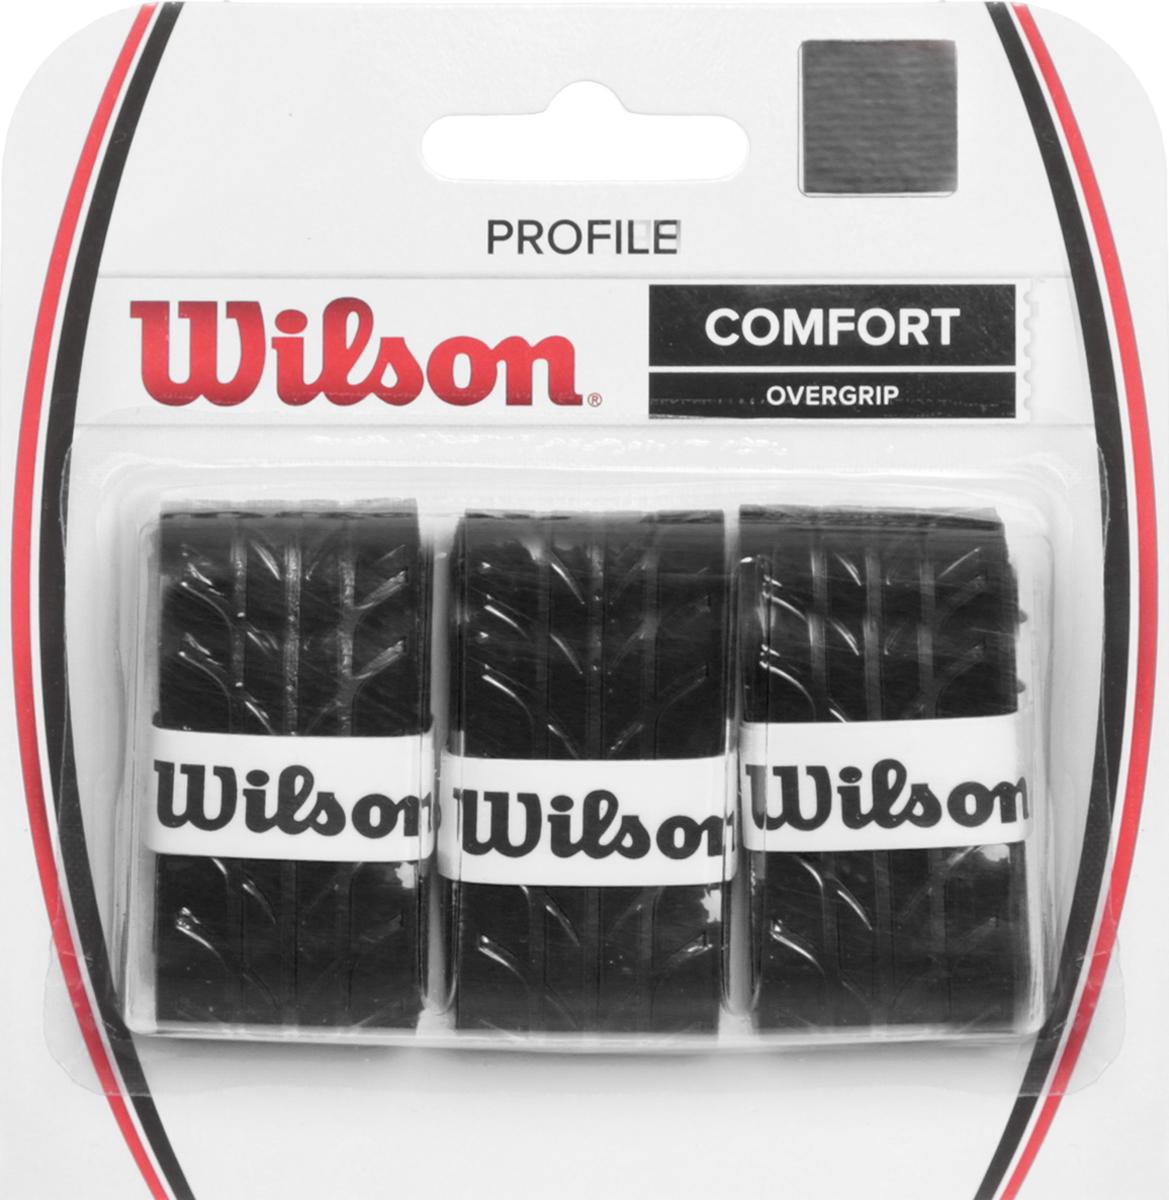 Намотка для ракетки Wilson Profile Overgrip BlackWRZ4025BKОвергрипп Profile - обладает уникальной насечкой, которая увеличивает чувство ракетки в руках. Идеально подходит для использования в любых тренировочных и турнирных условиях.Поставляется в черном цвете.